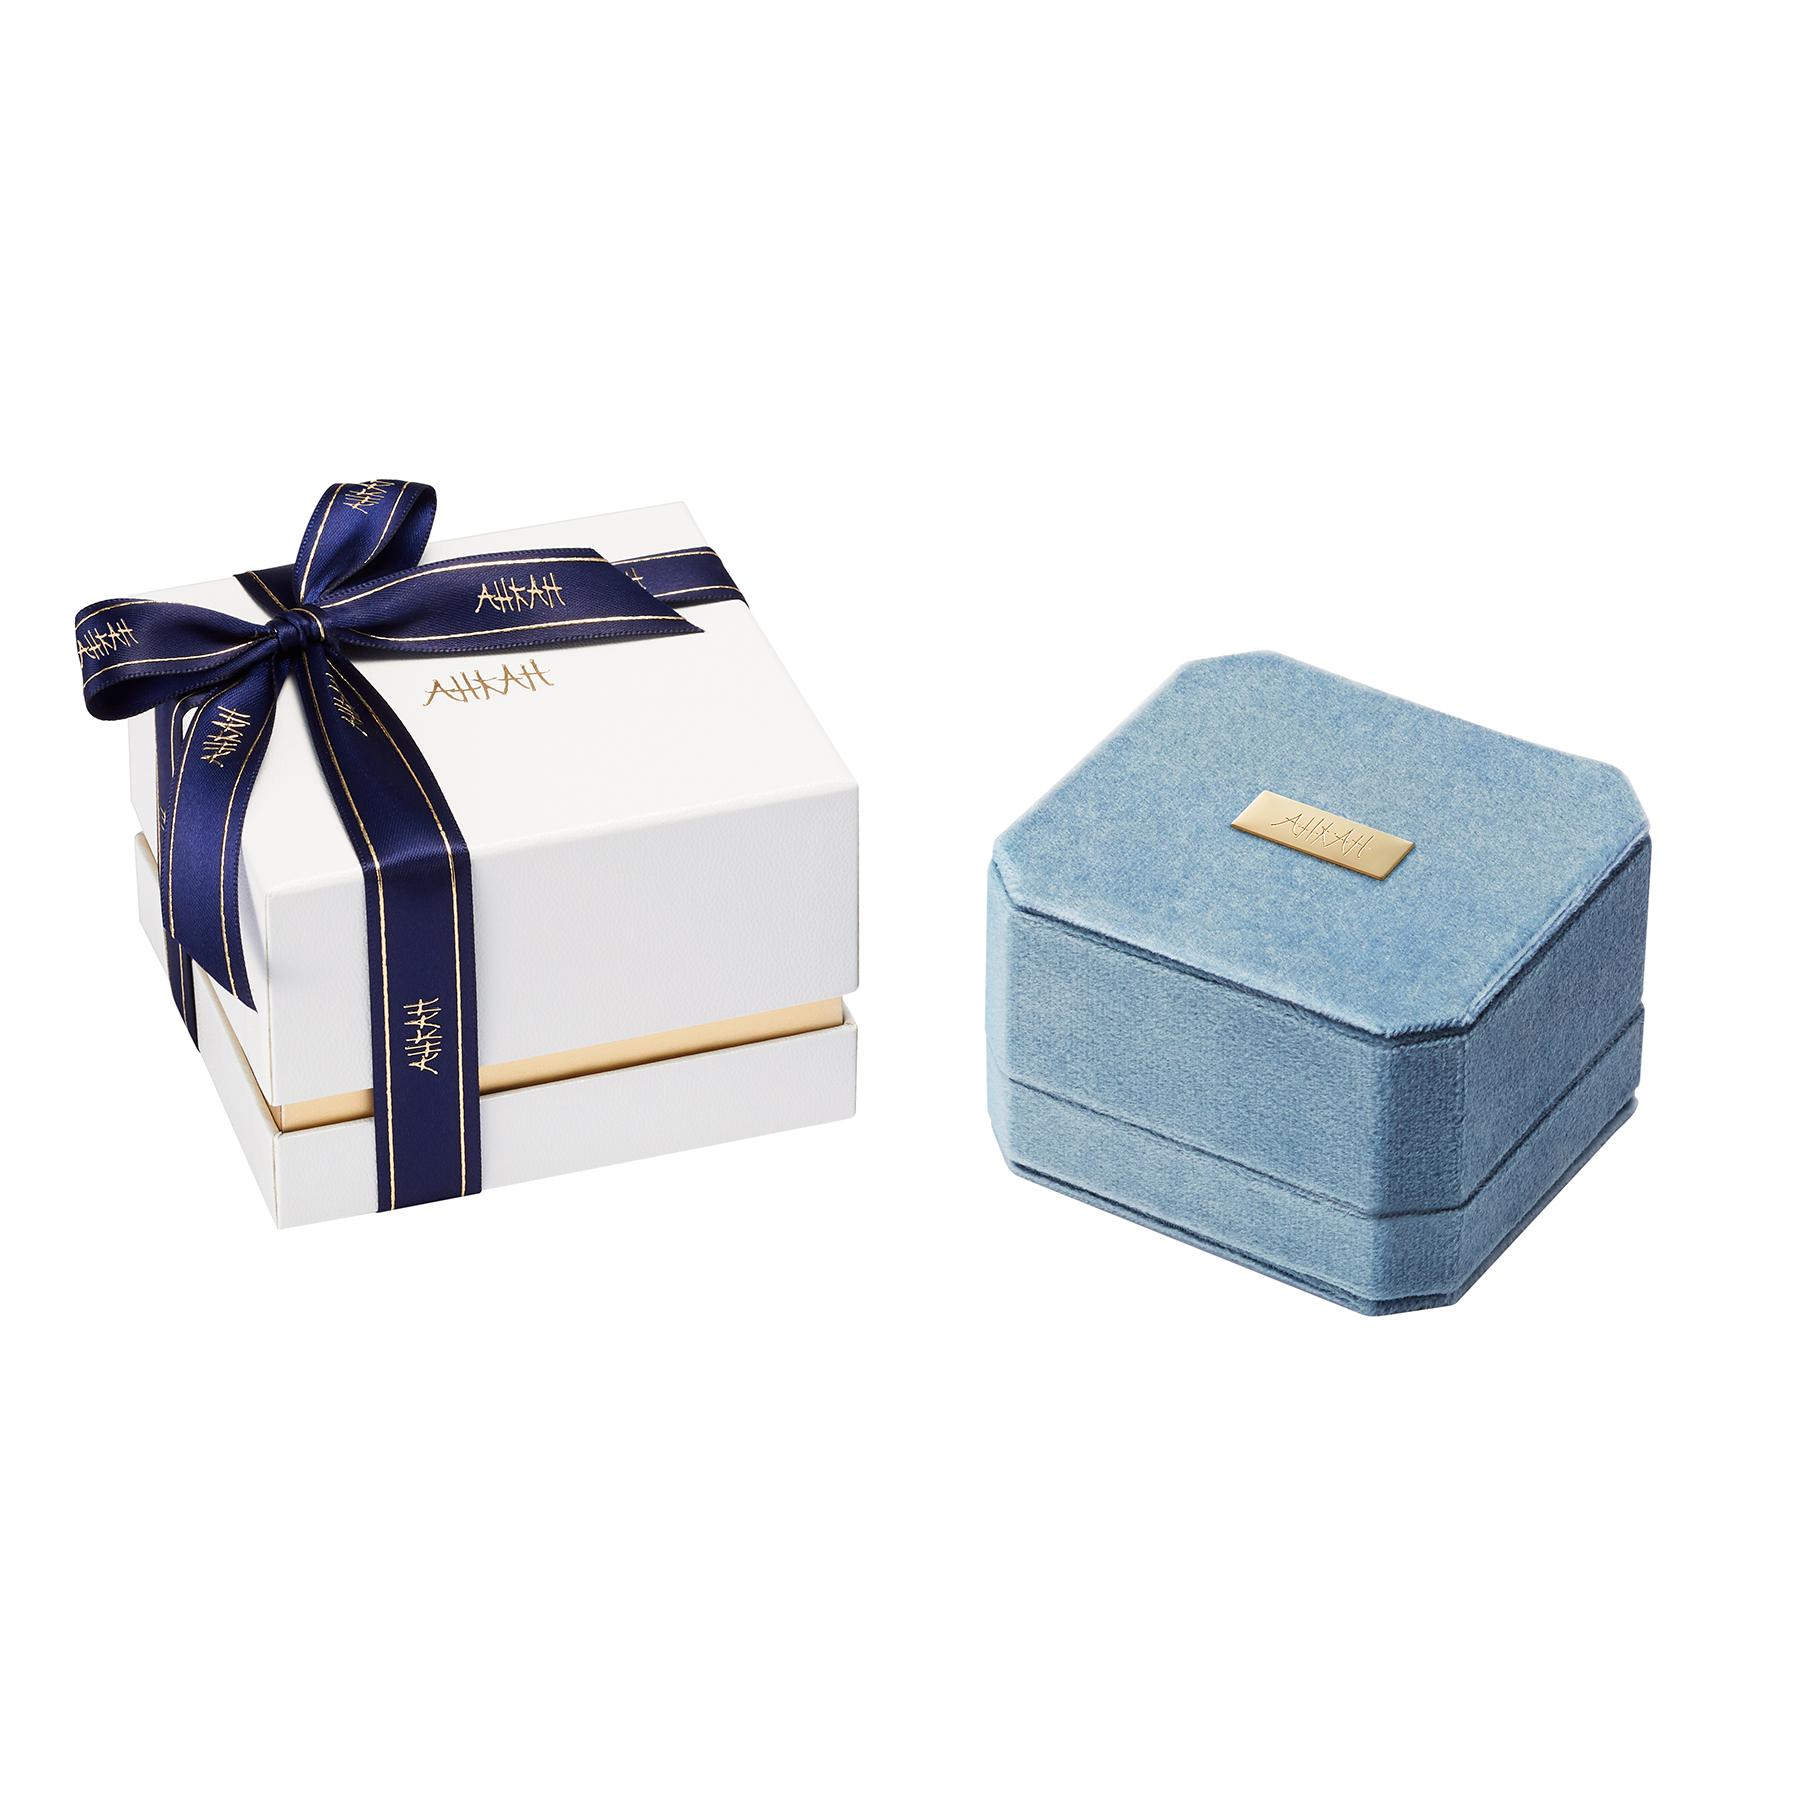 アーカー Holiday box